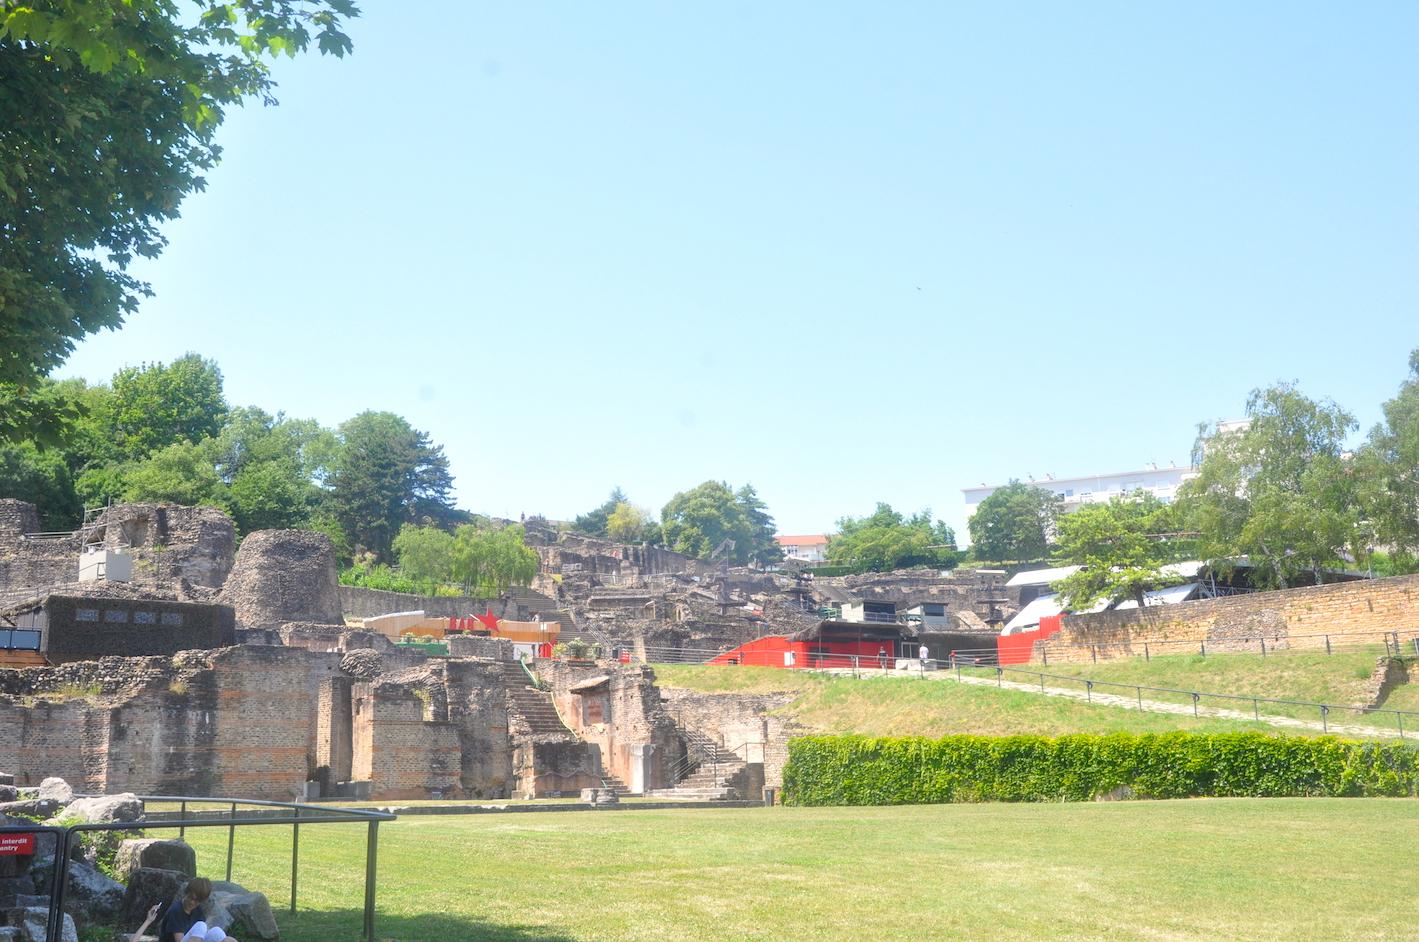 roma arkeoloji parki 1